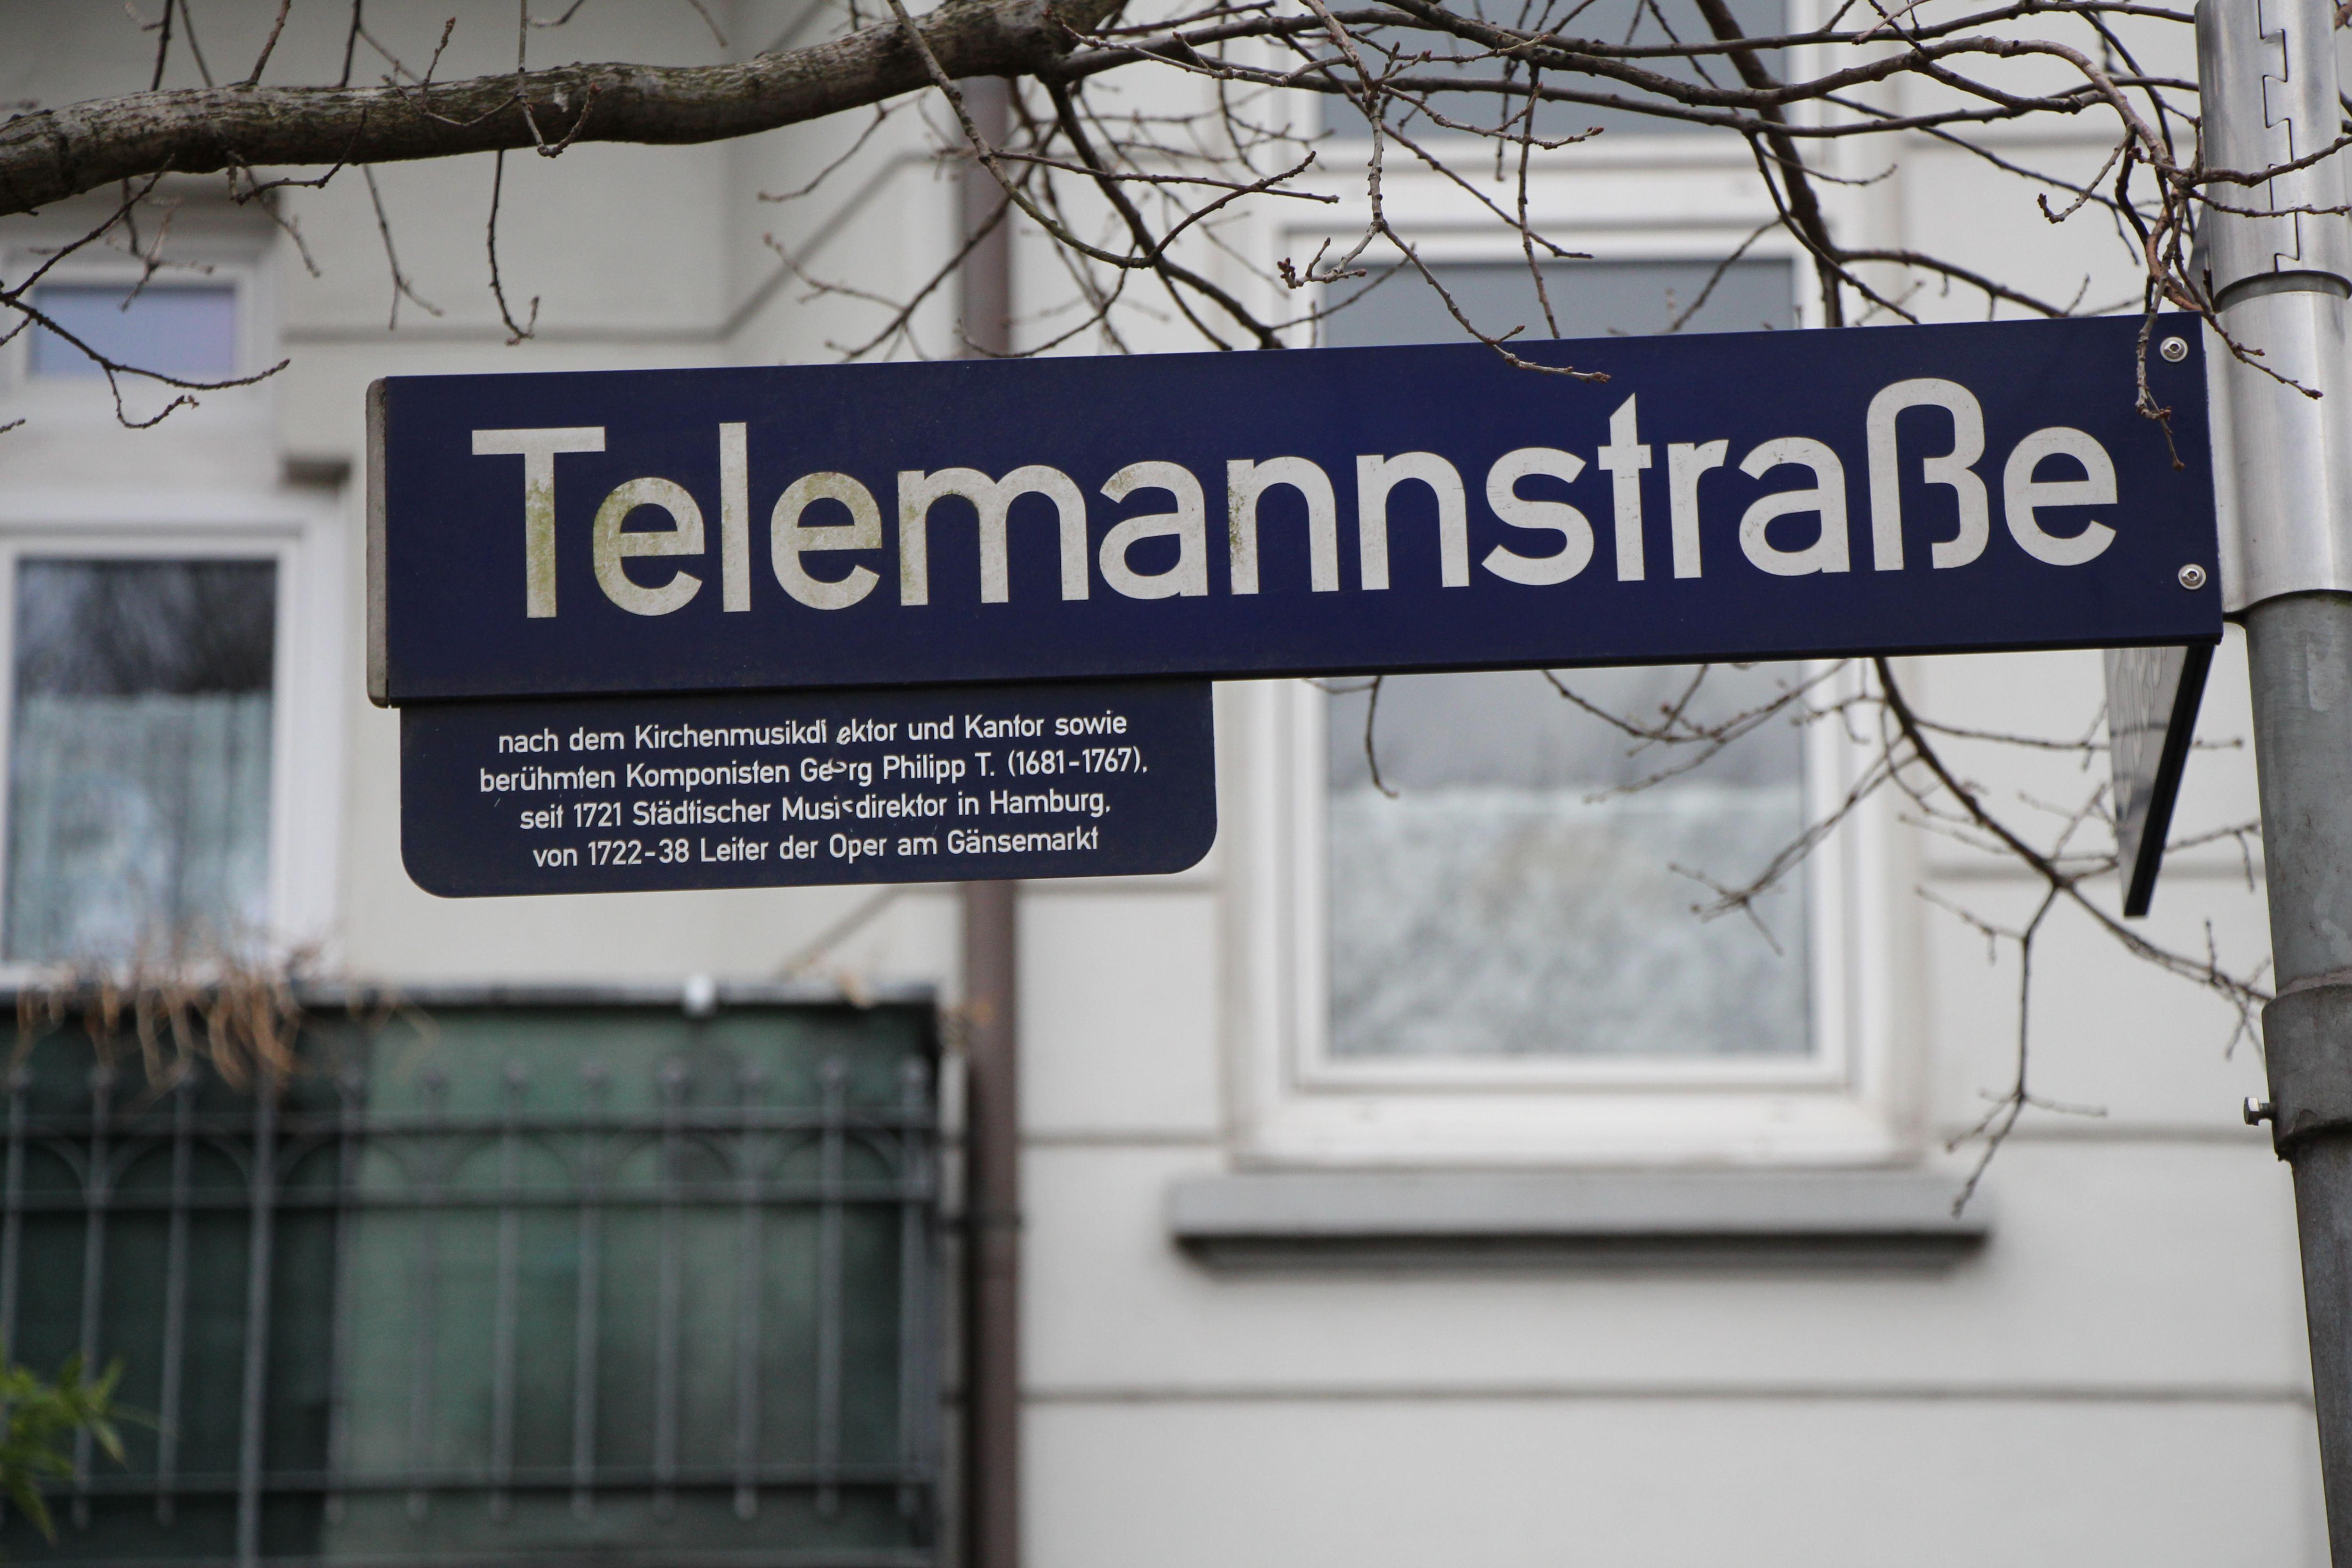 Straßennamen in Eimsbüttel: Telemannstraße